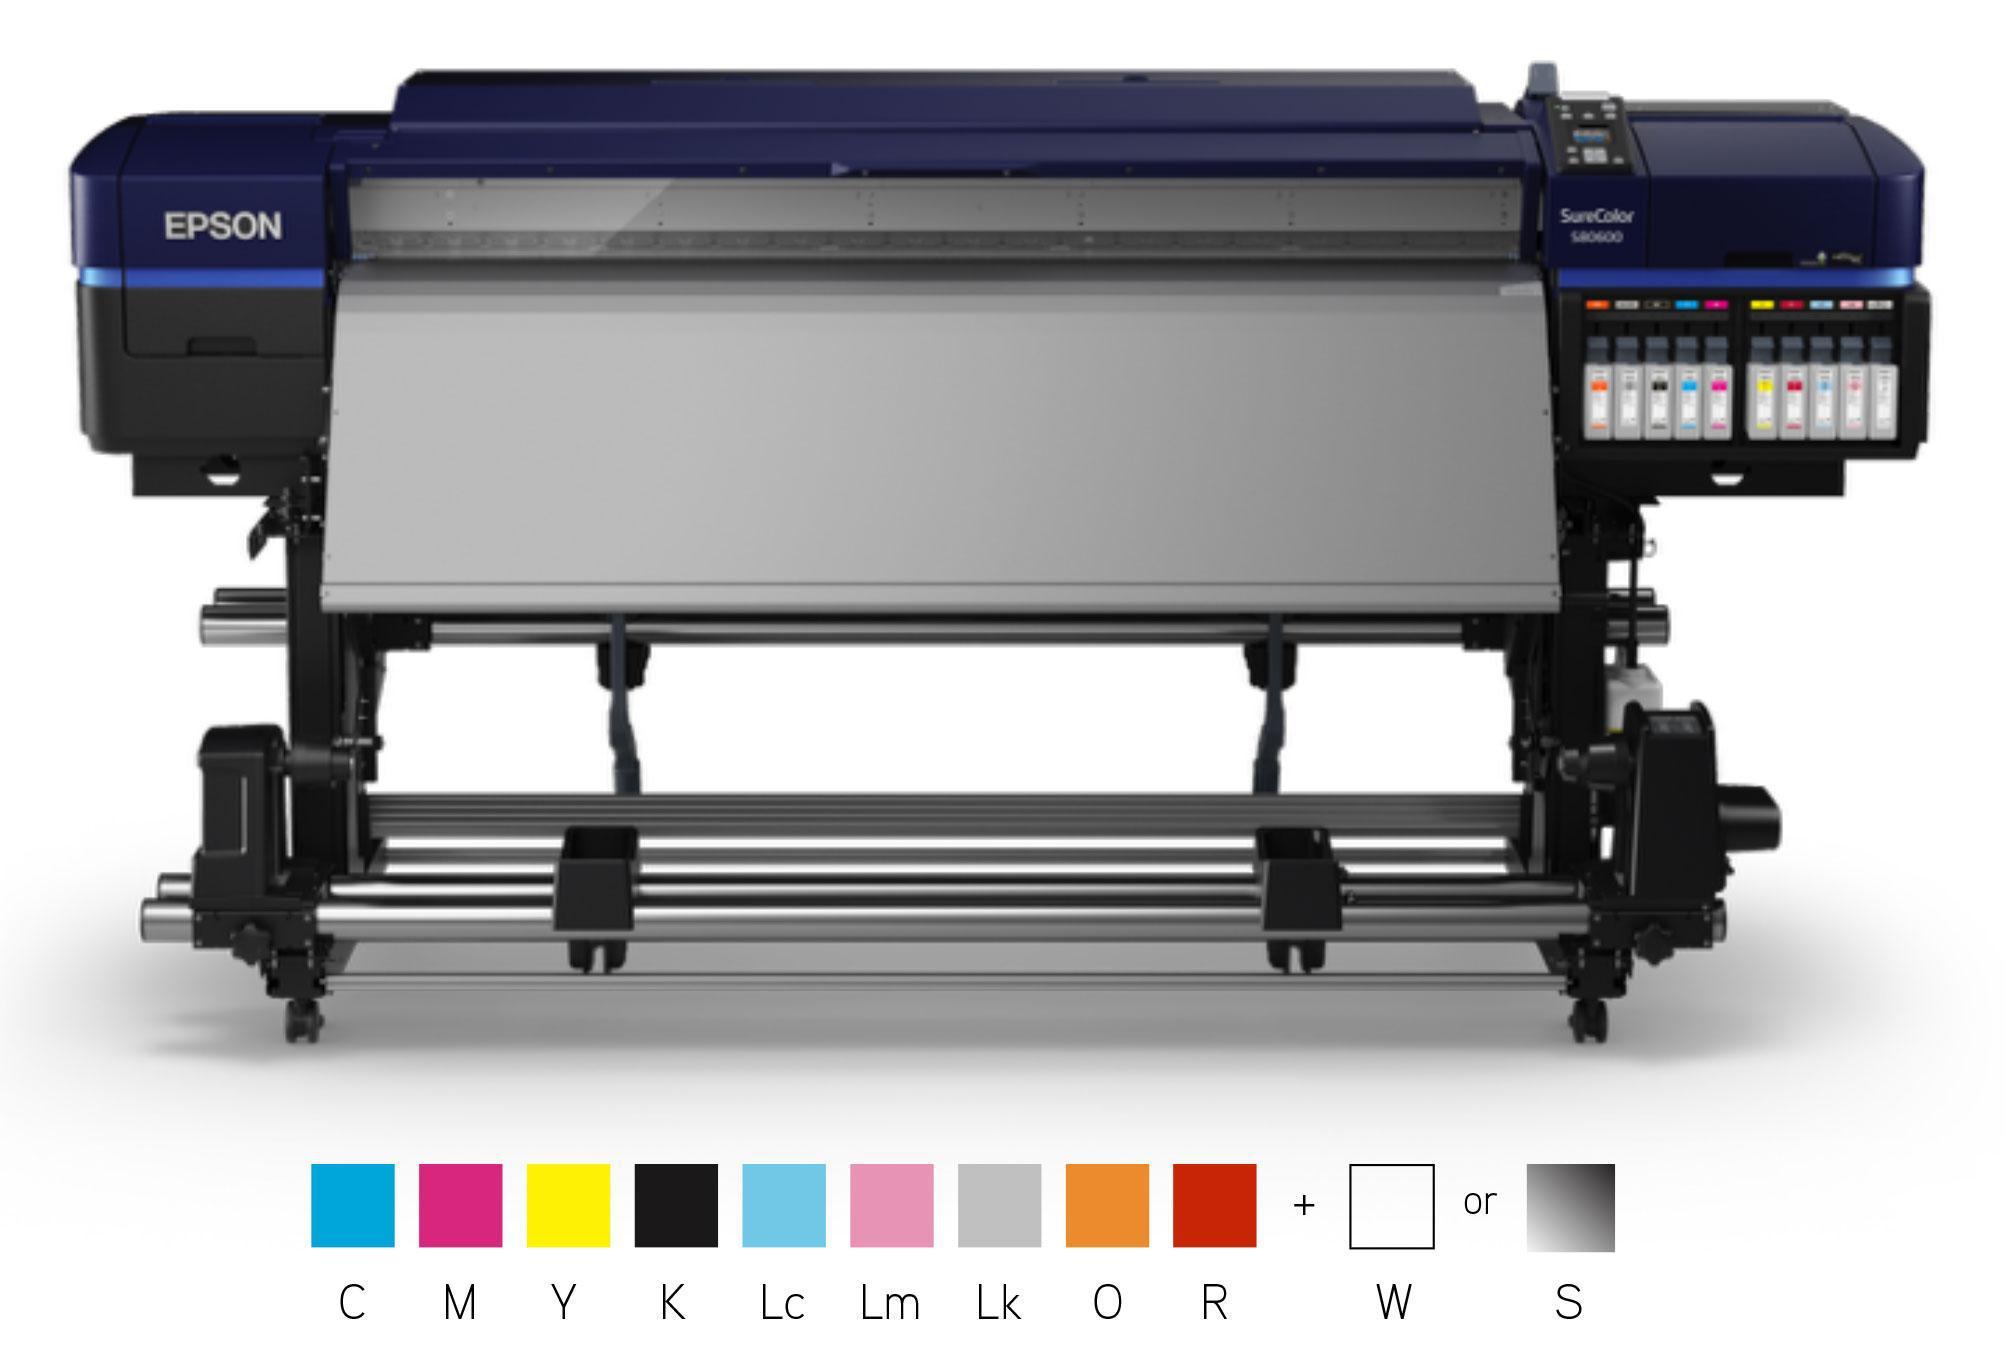 ГЕД представя: серия принтери Epson SureColor S